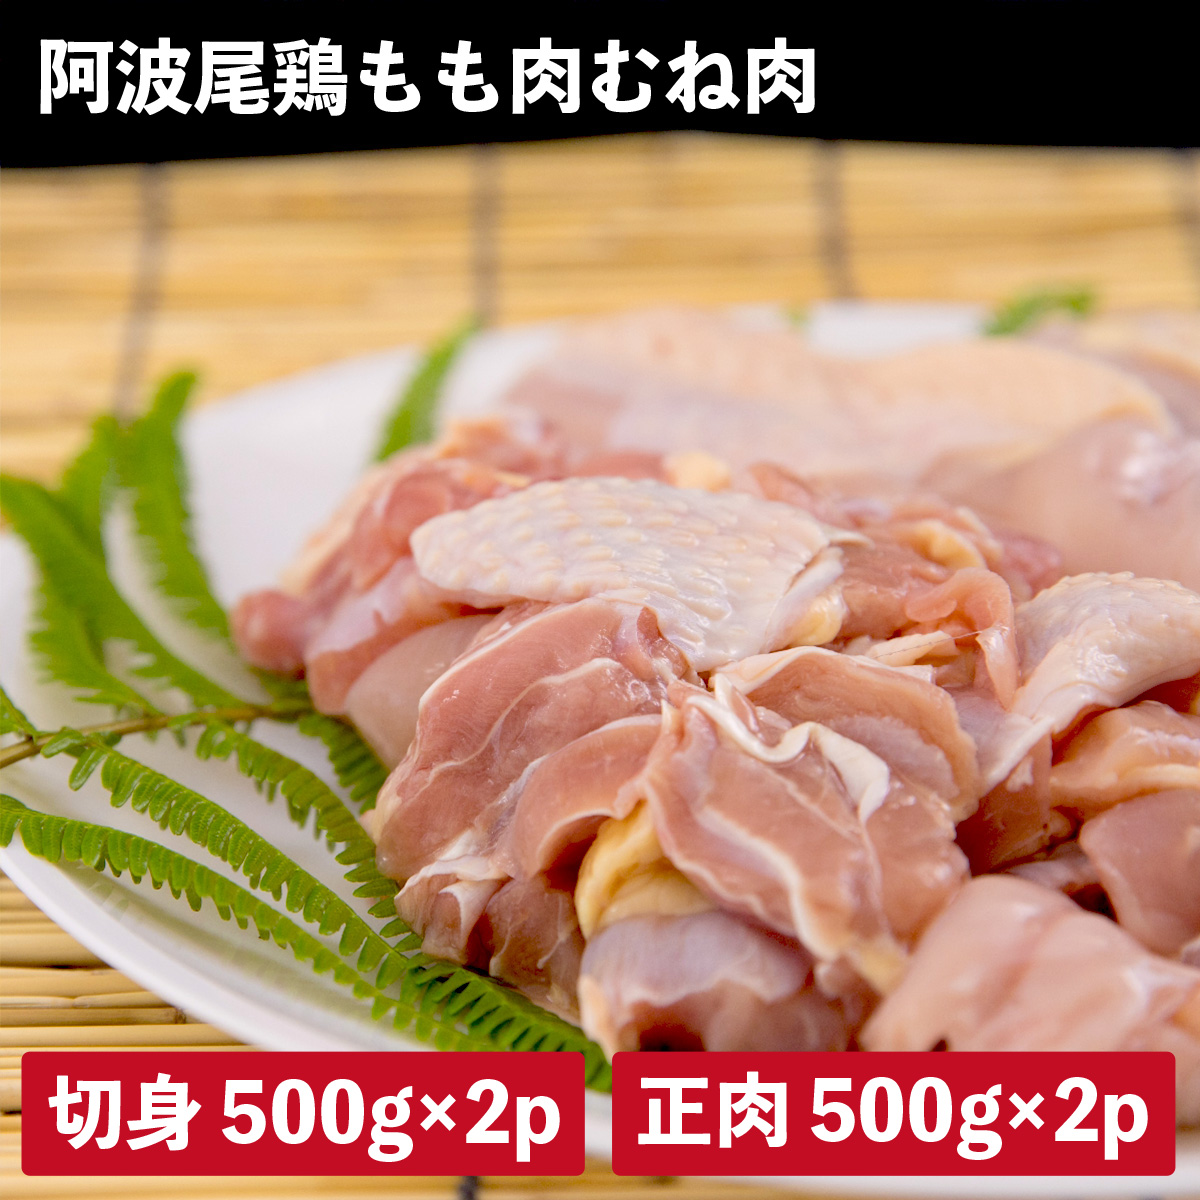 【ふるさと納税】MMT25 阿波尾鶏食べ比べ! もも肉・むね肉 2キロセット(切り身500gx2セット、正肉500gx2セット)